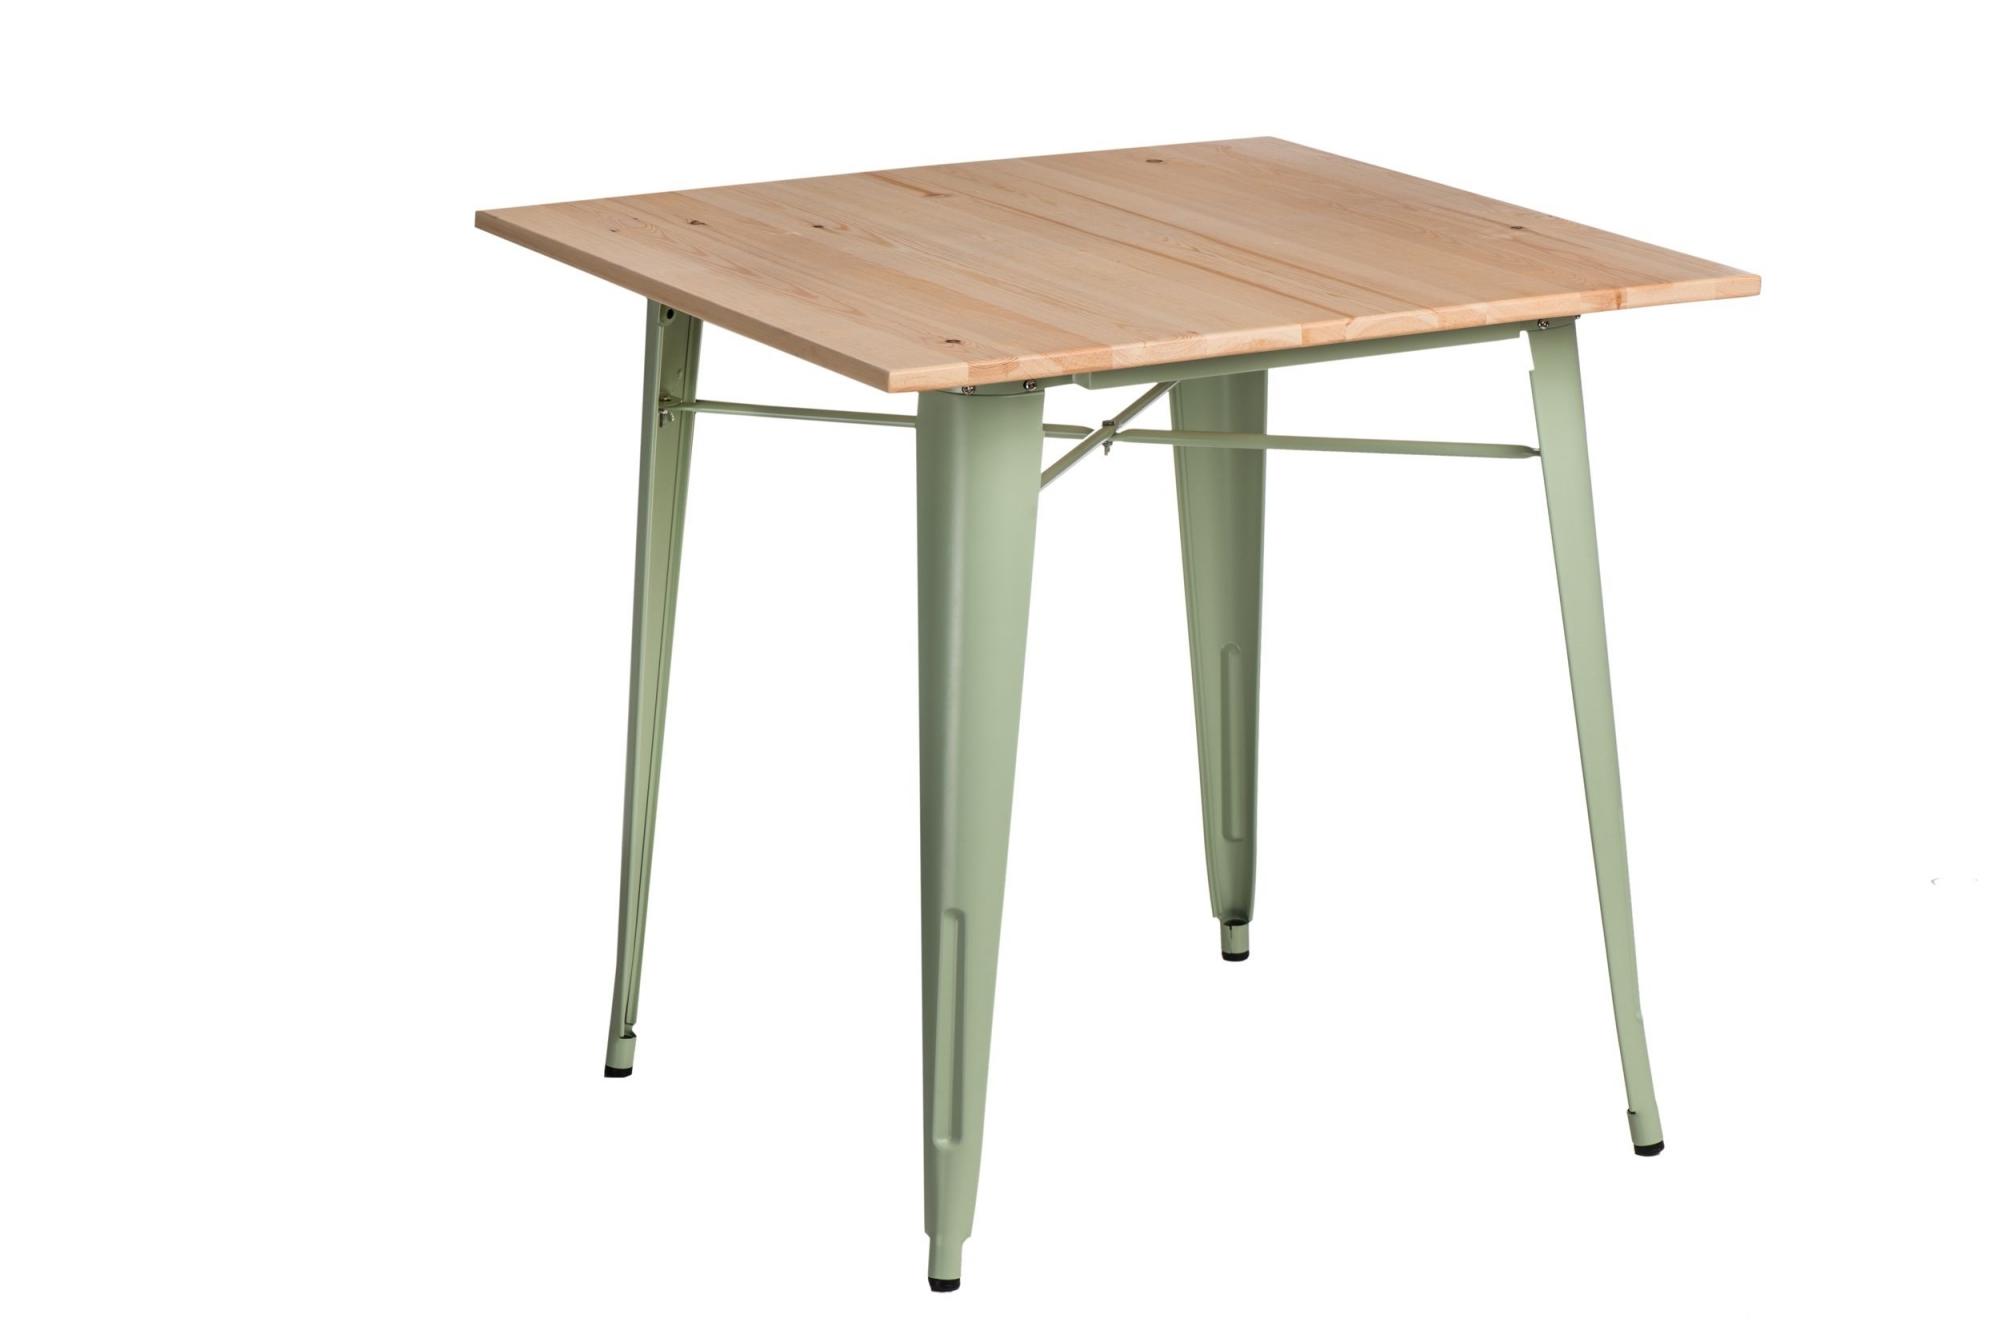 Jídelní stůl Mason 76 cm, světlé dřevo